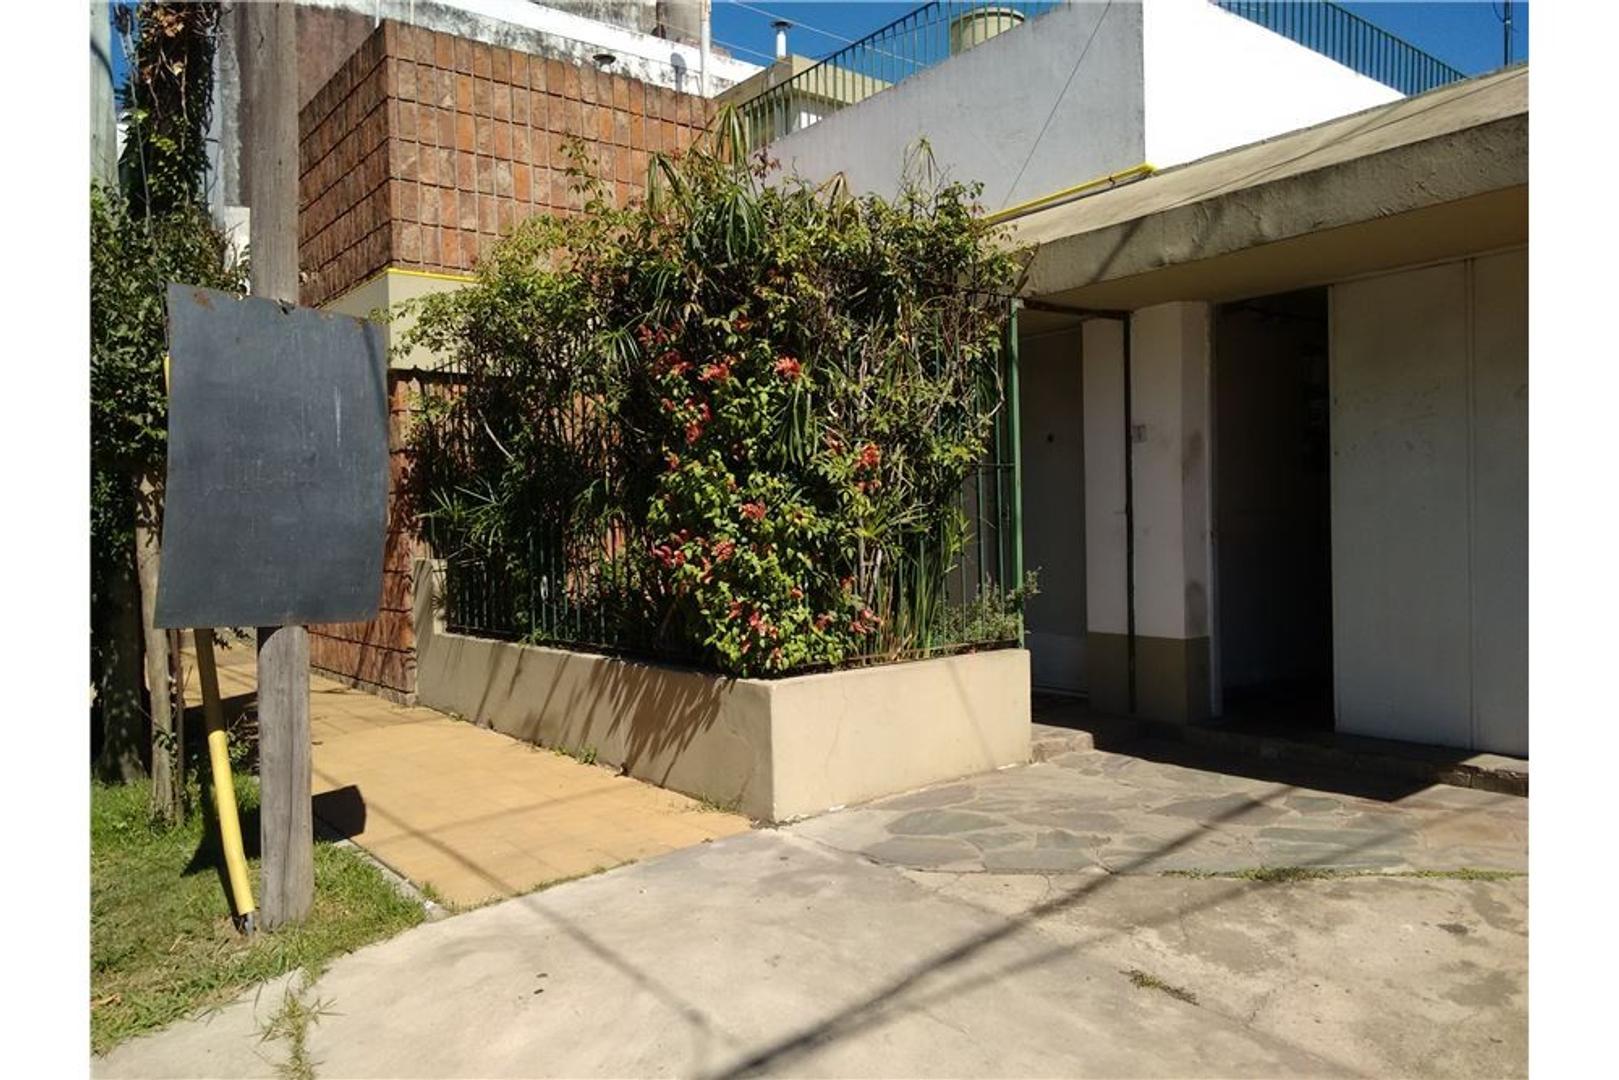 EL PALOMAR - Casa 4 ambientes Apto Crédito